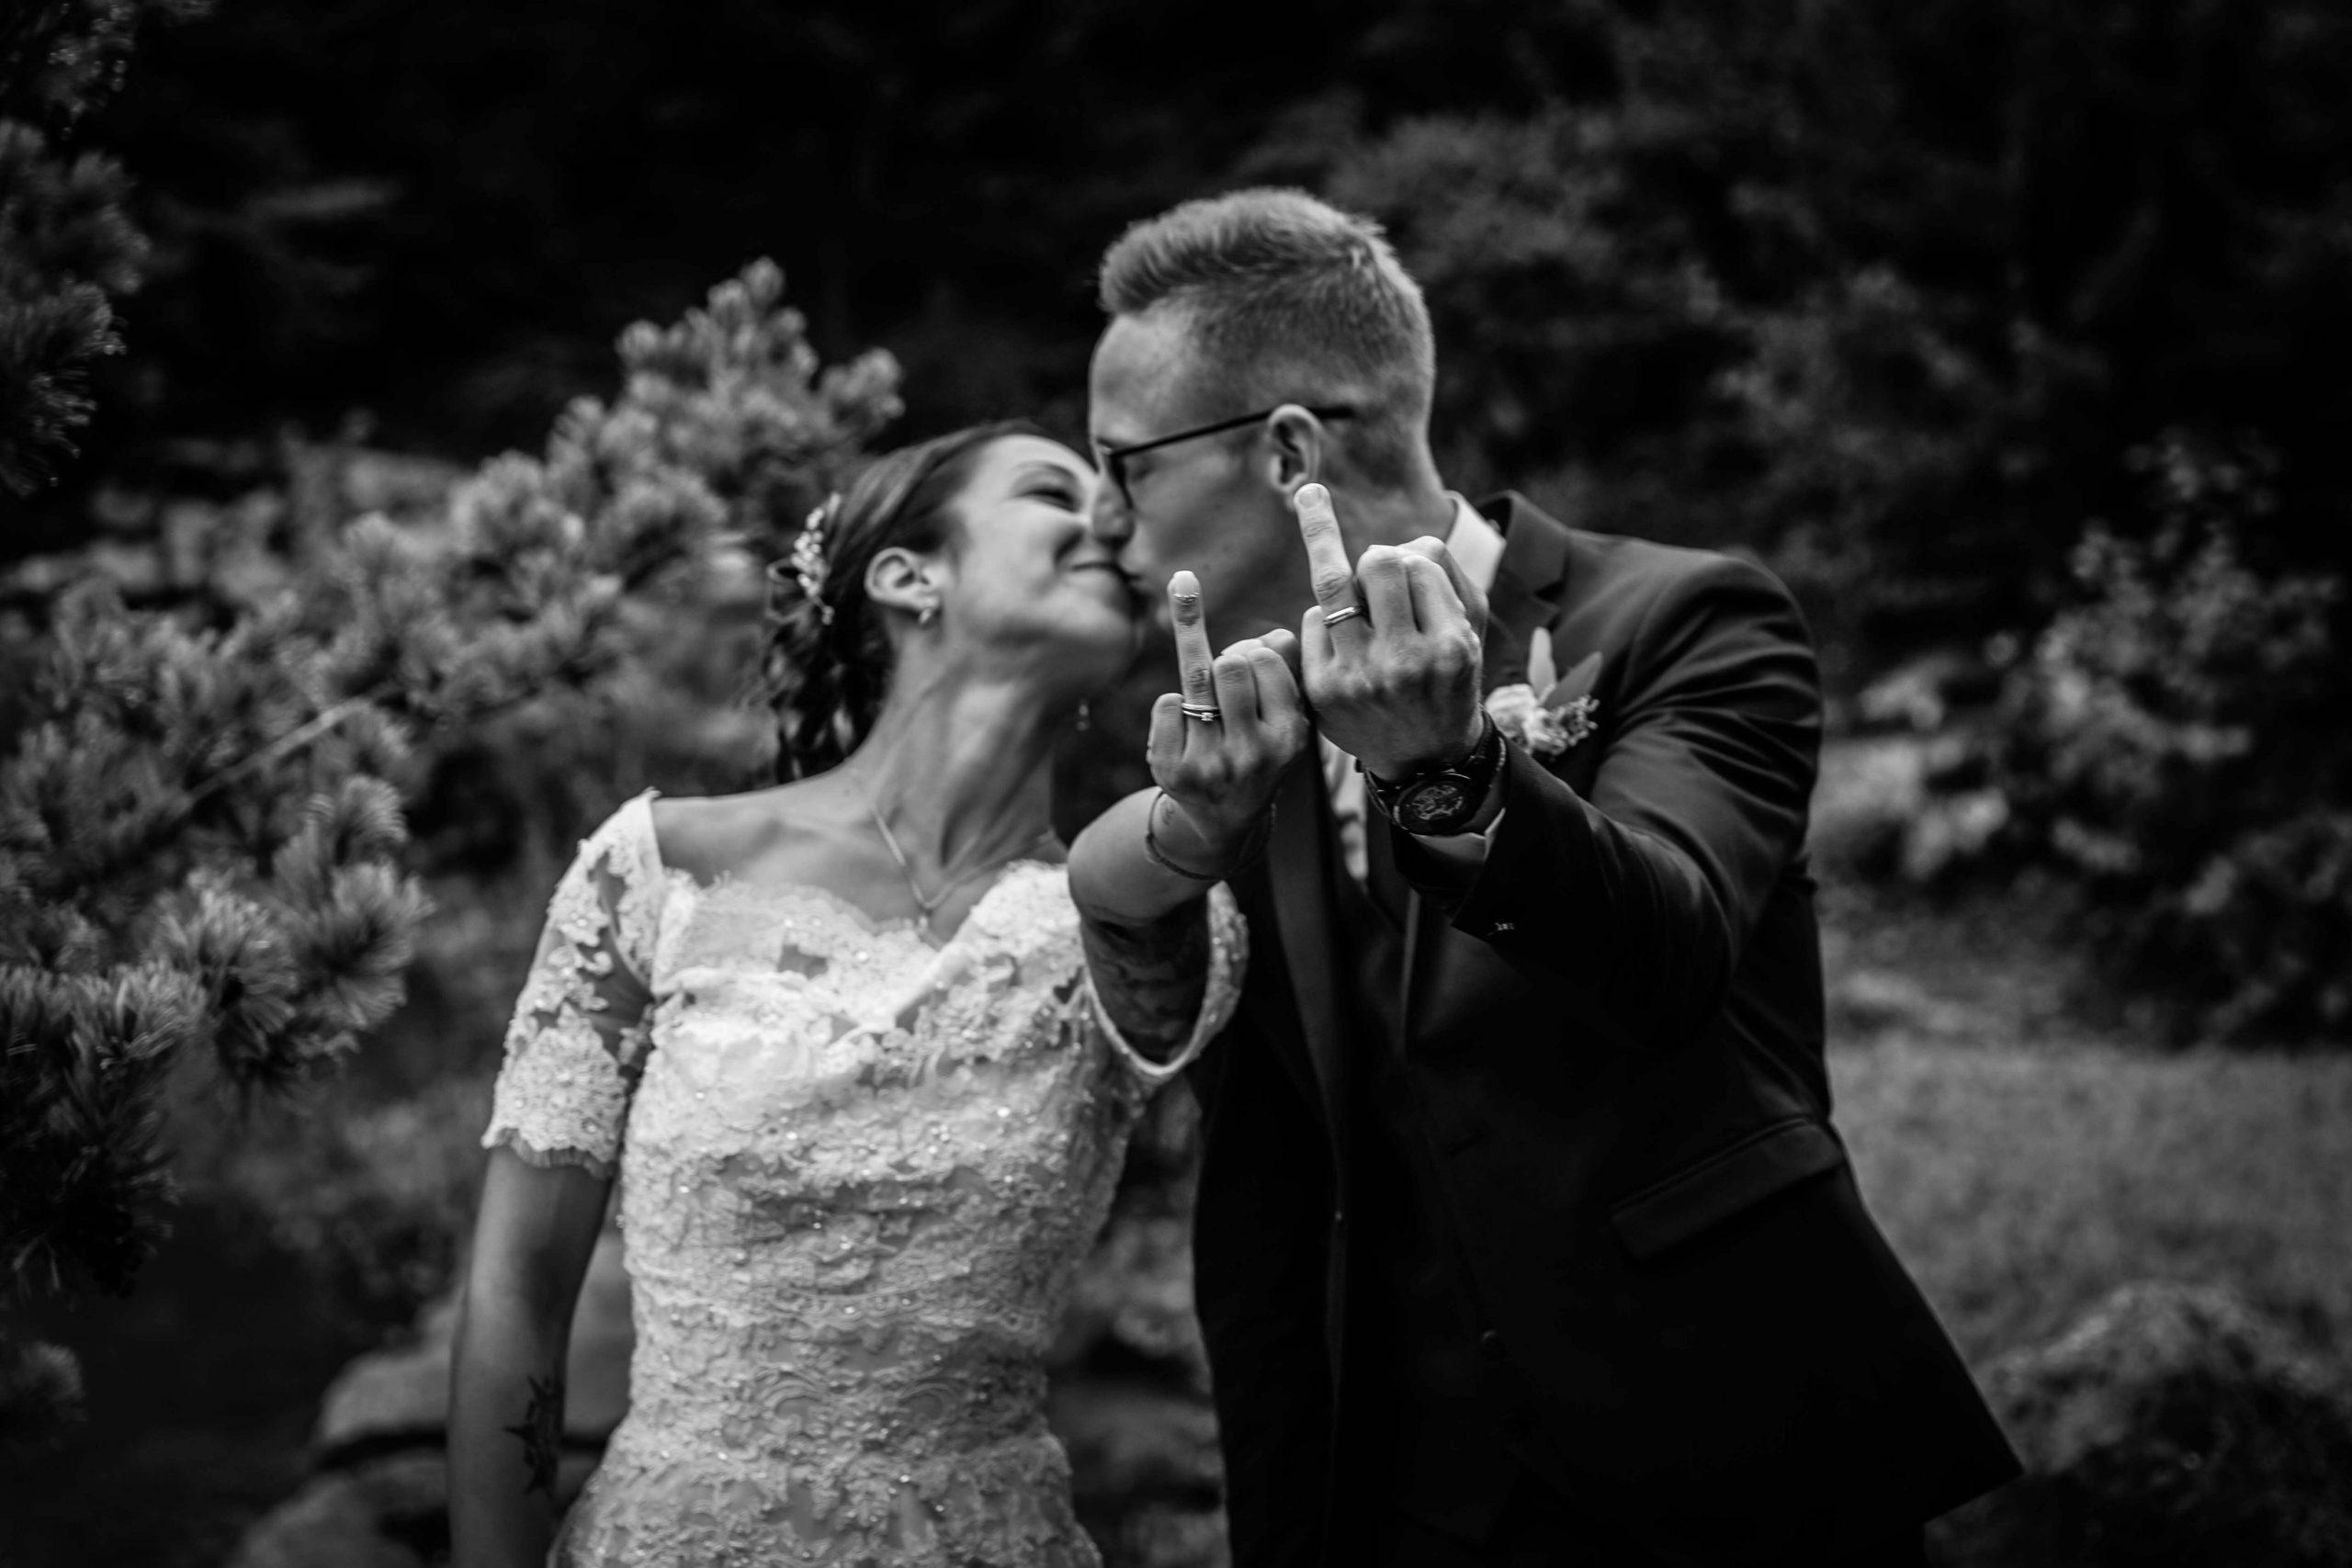 les mariés montrent leurs alliances de façon décallée et drôle